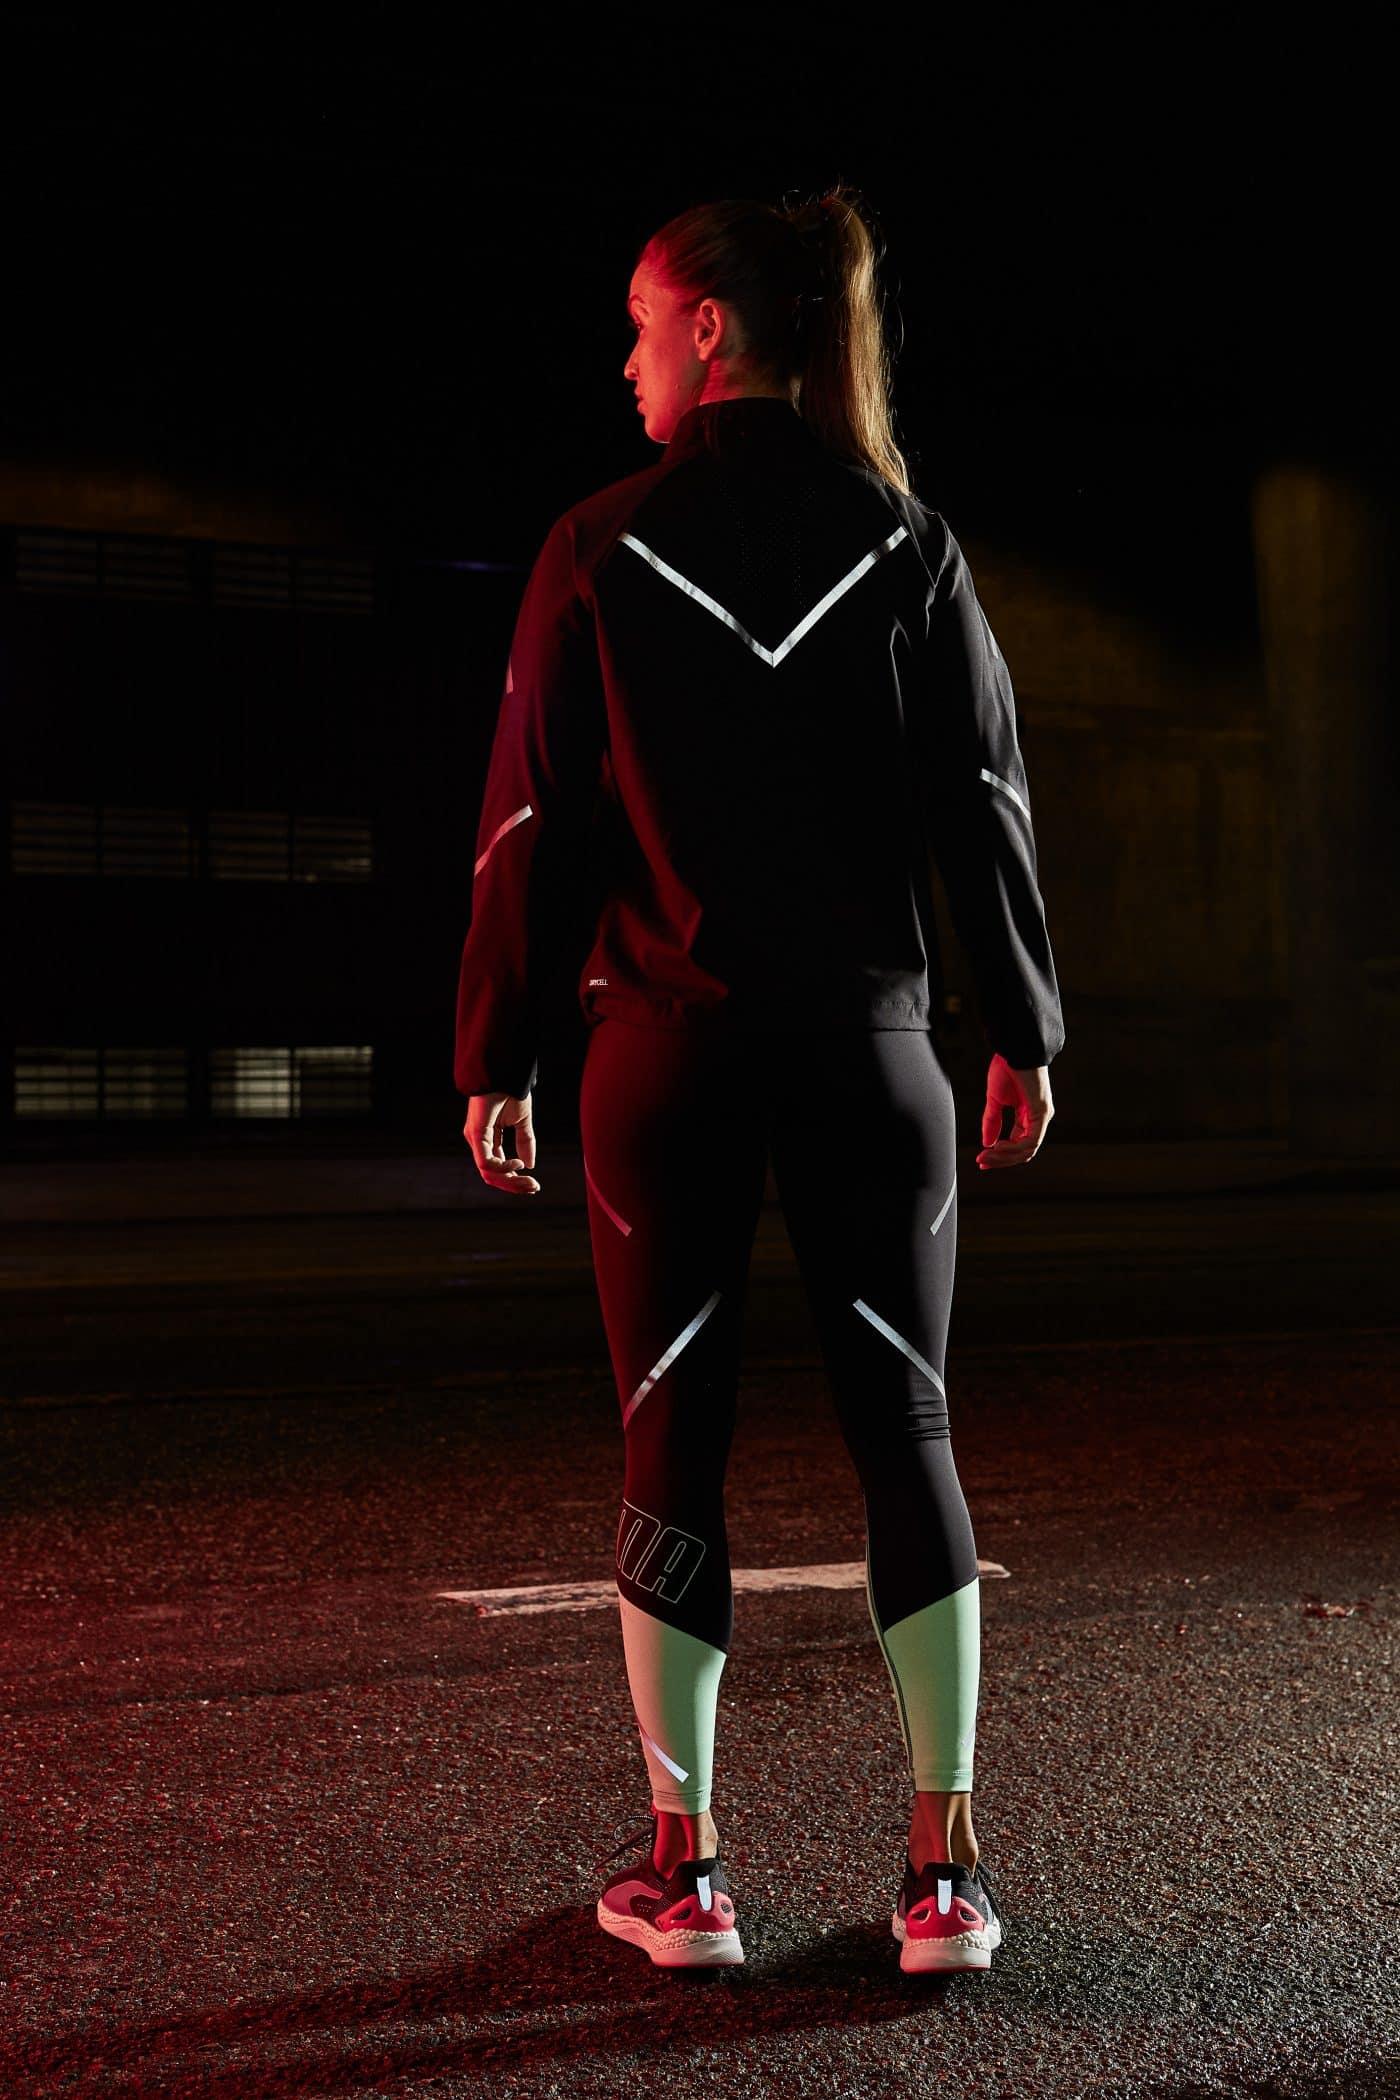 puma-textile-reflechissant-chaussures-running-speed-600-runpack-13